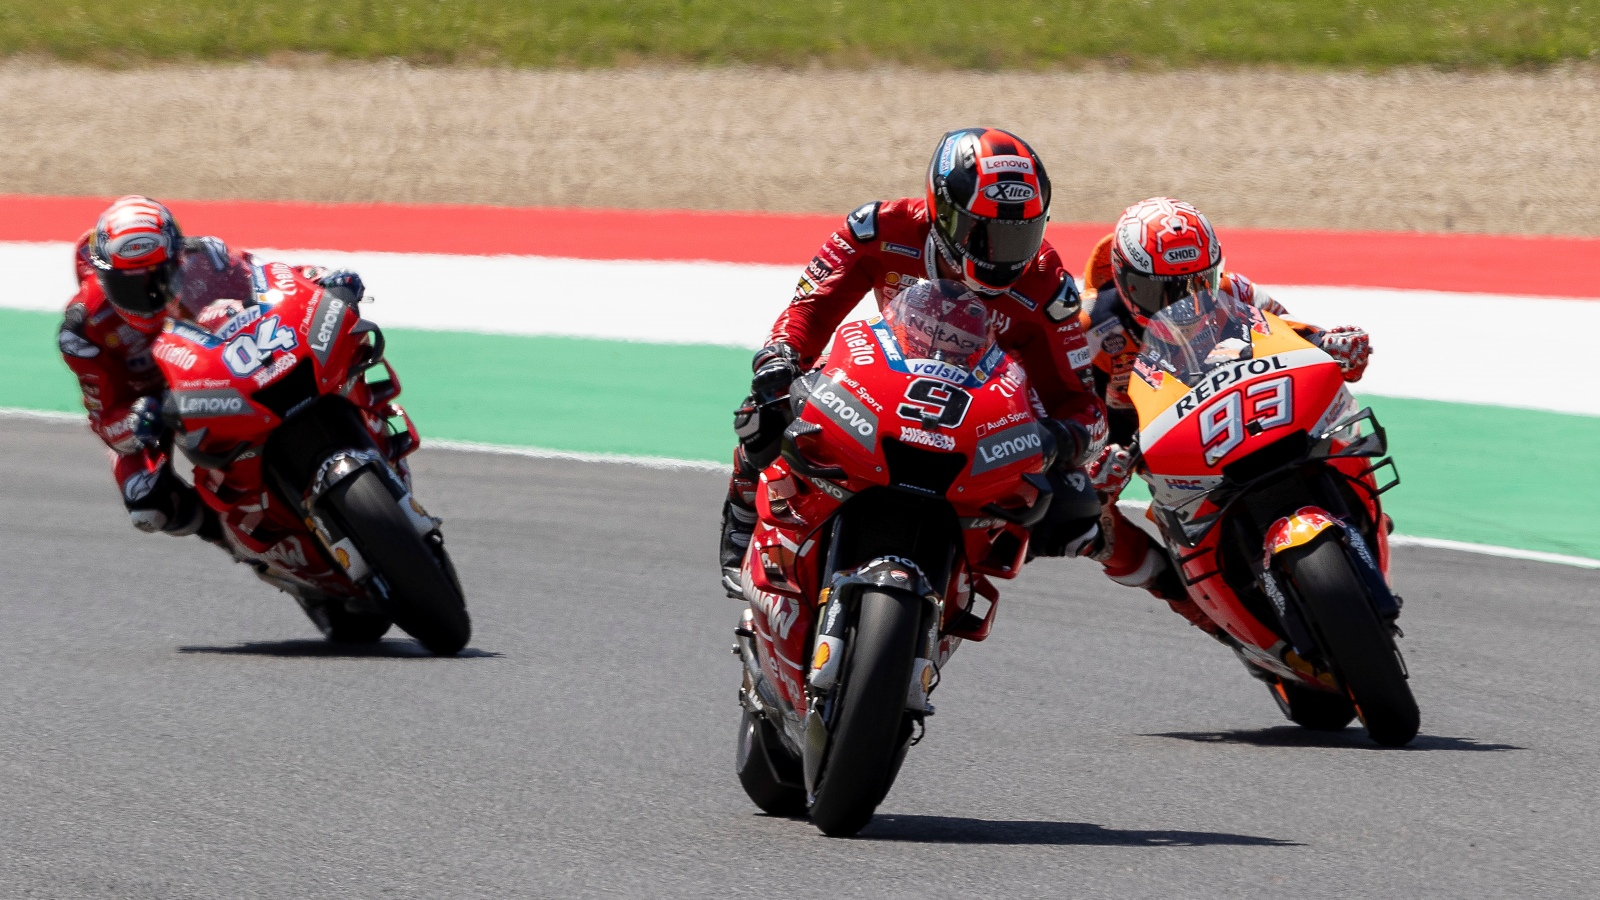 Píldoras MotoGP Italia 2019: La diana tricolore, la senda del tiempo y el TFG entregado